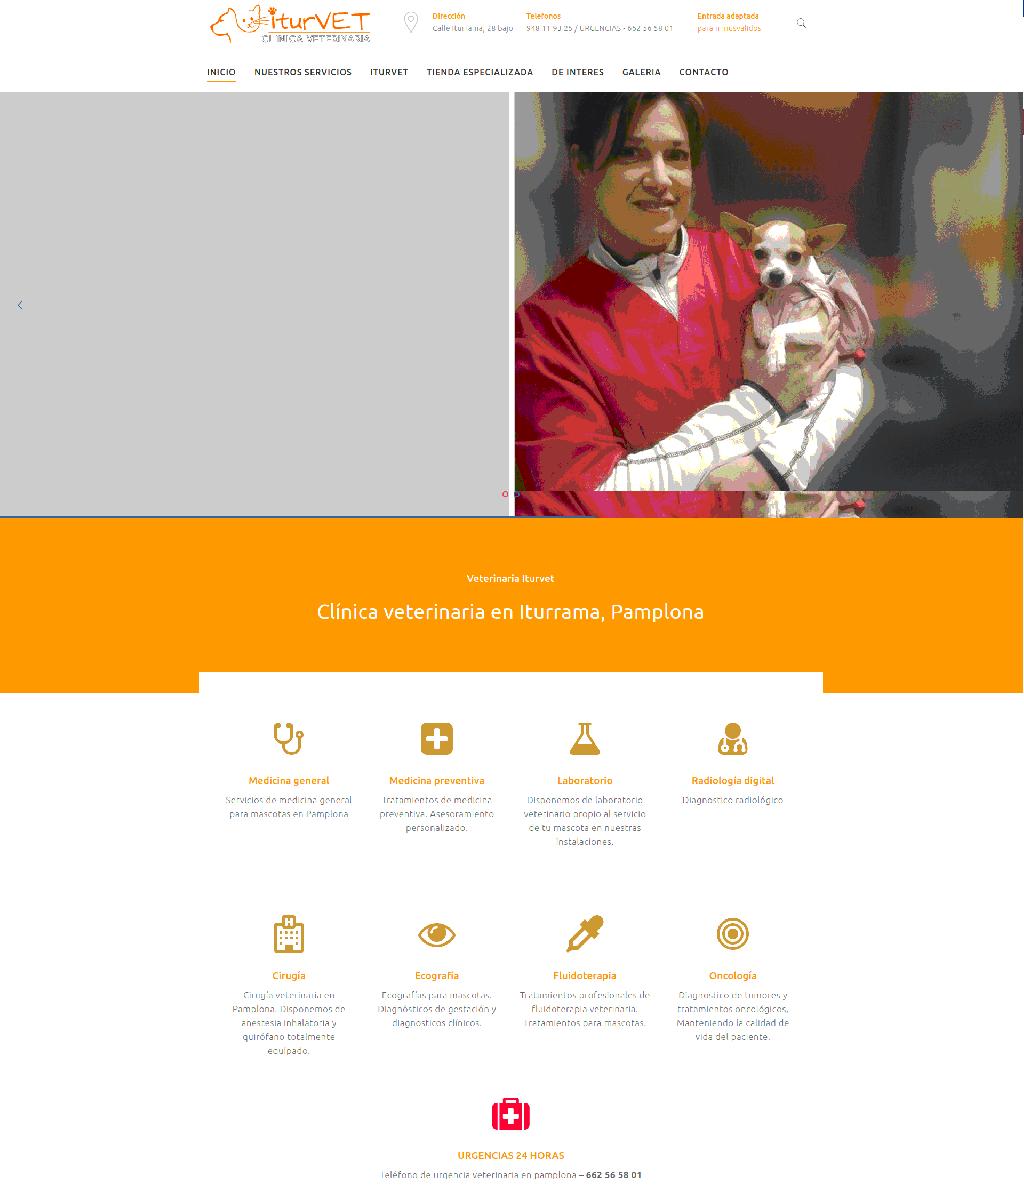 sitio web veterinario